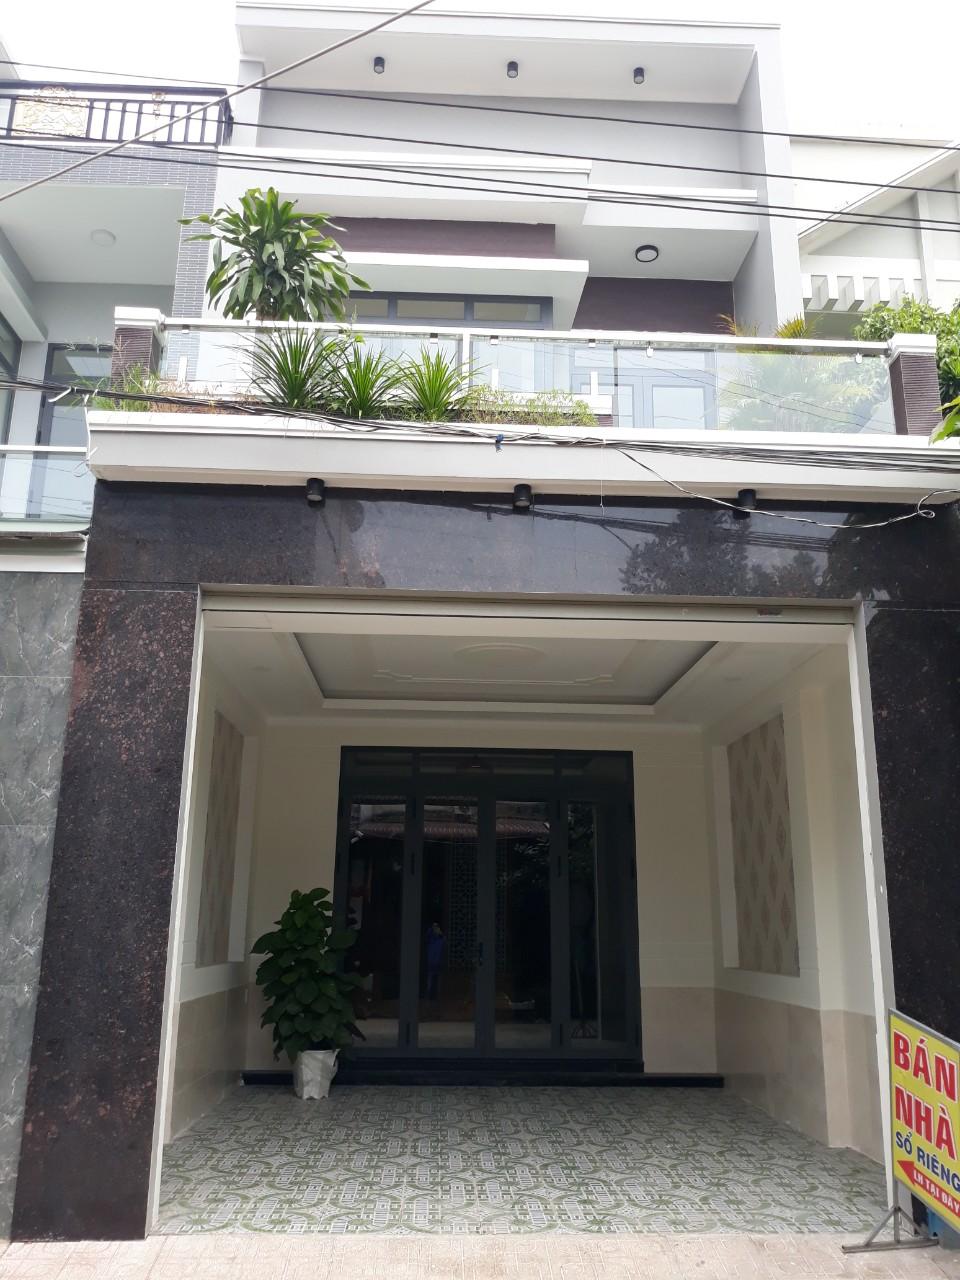 Bán nhà 1 Trệt 1 lầu tại phường Bình An, TP Dĩ An, tỉnh Bình Dương.